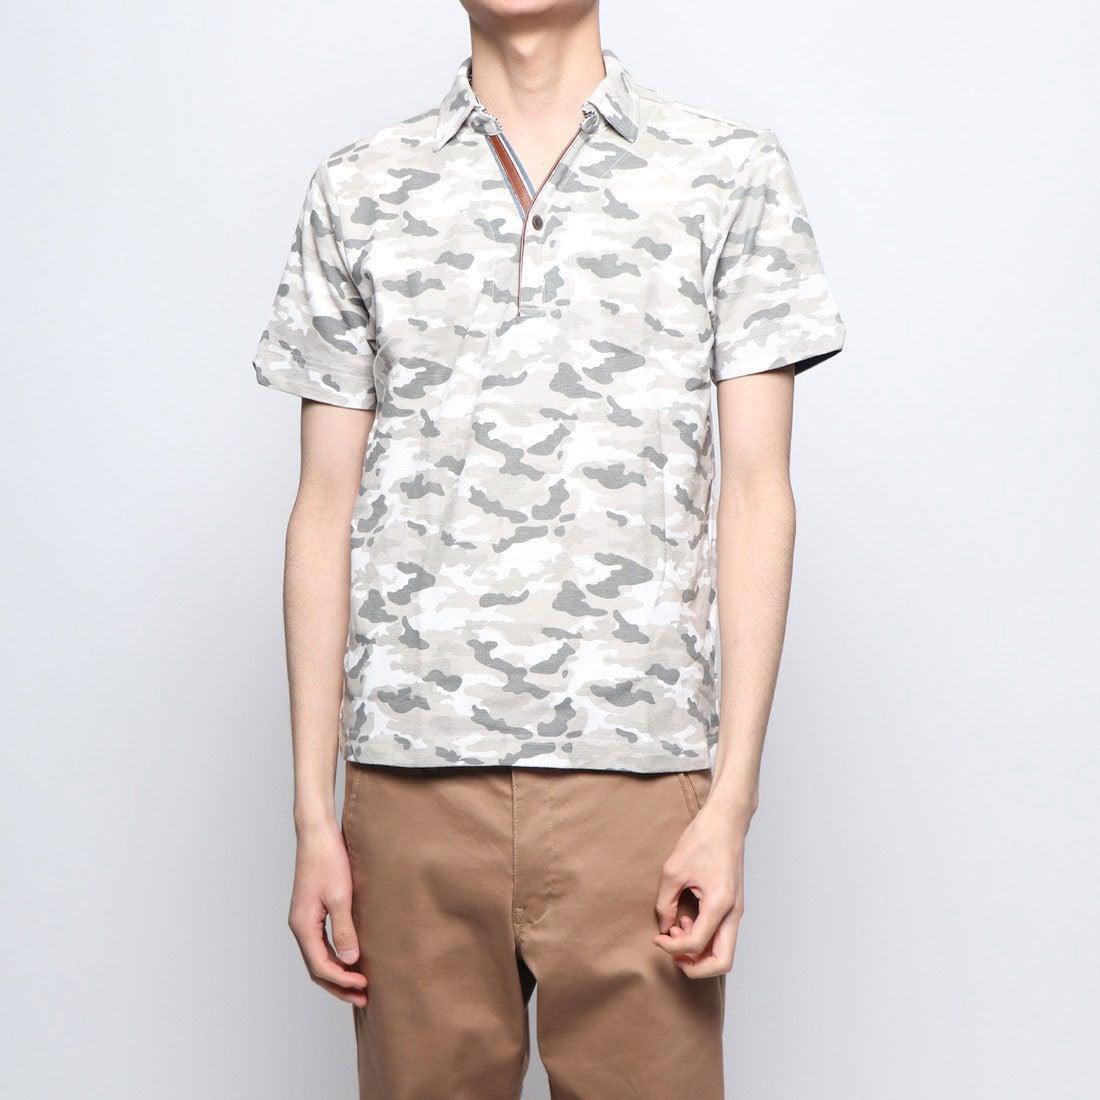 ロコンド 靴とファッションの通販サイトスタイルブロック STYLEBLOCK 綿カノコカモフラプリントPU使いポロシャツ (ホワイト)